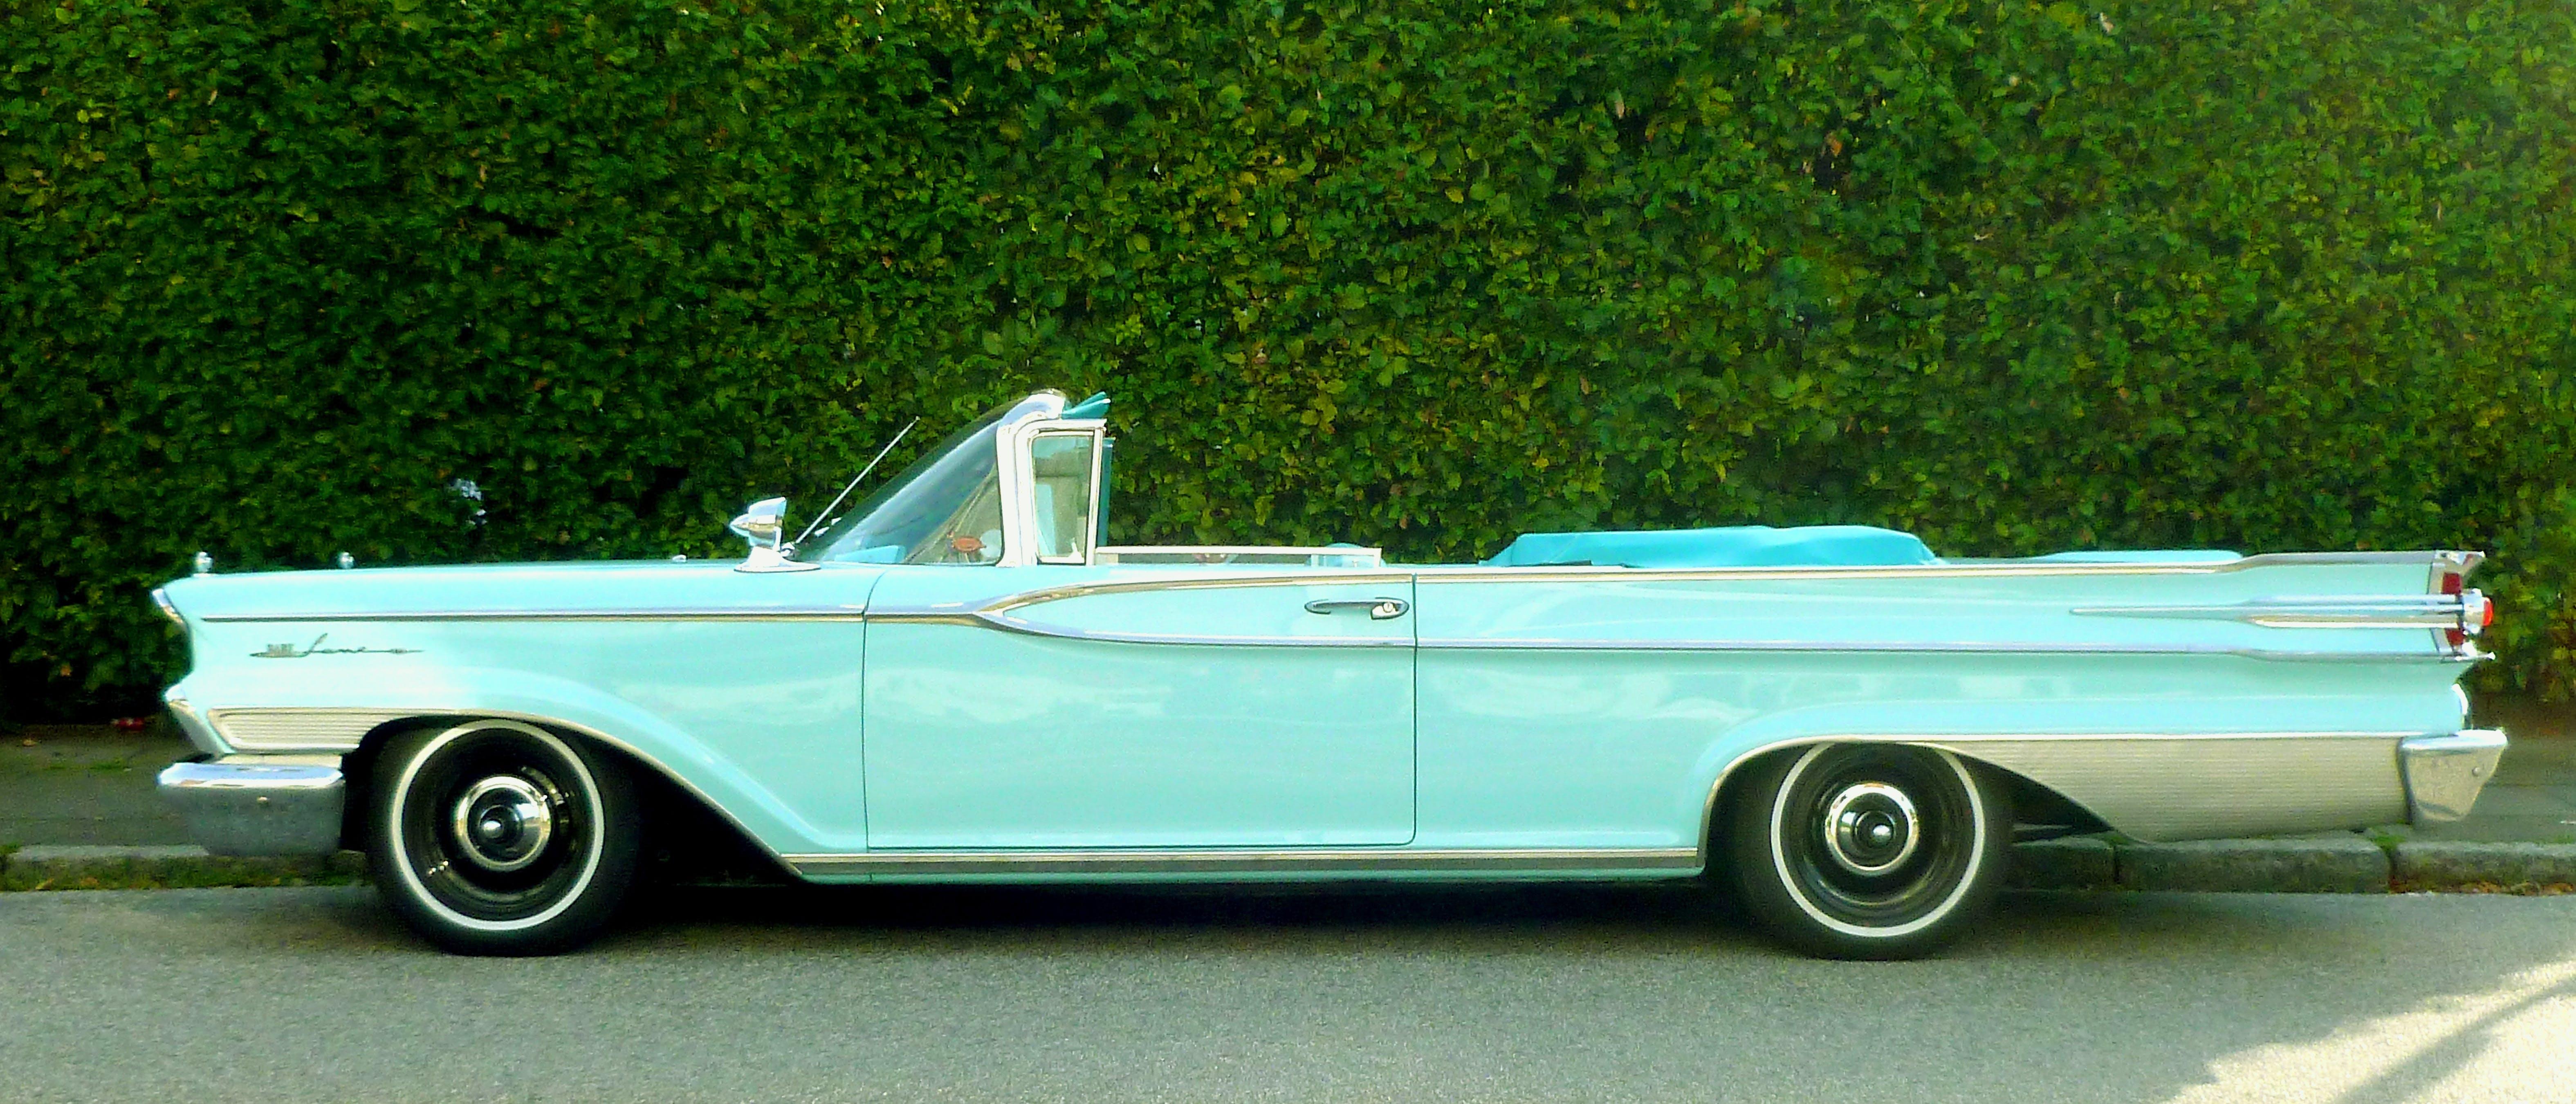 Teal Vintage Cabriolet